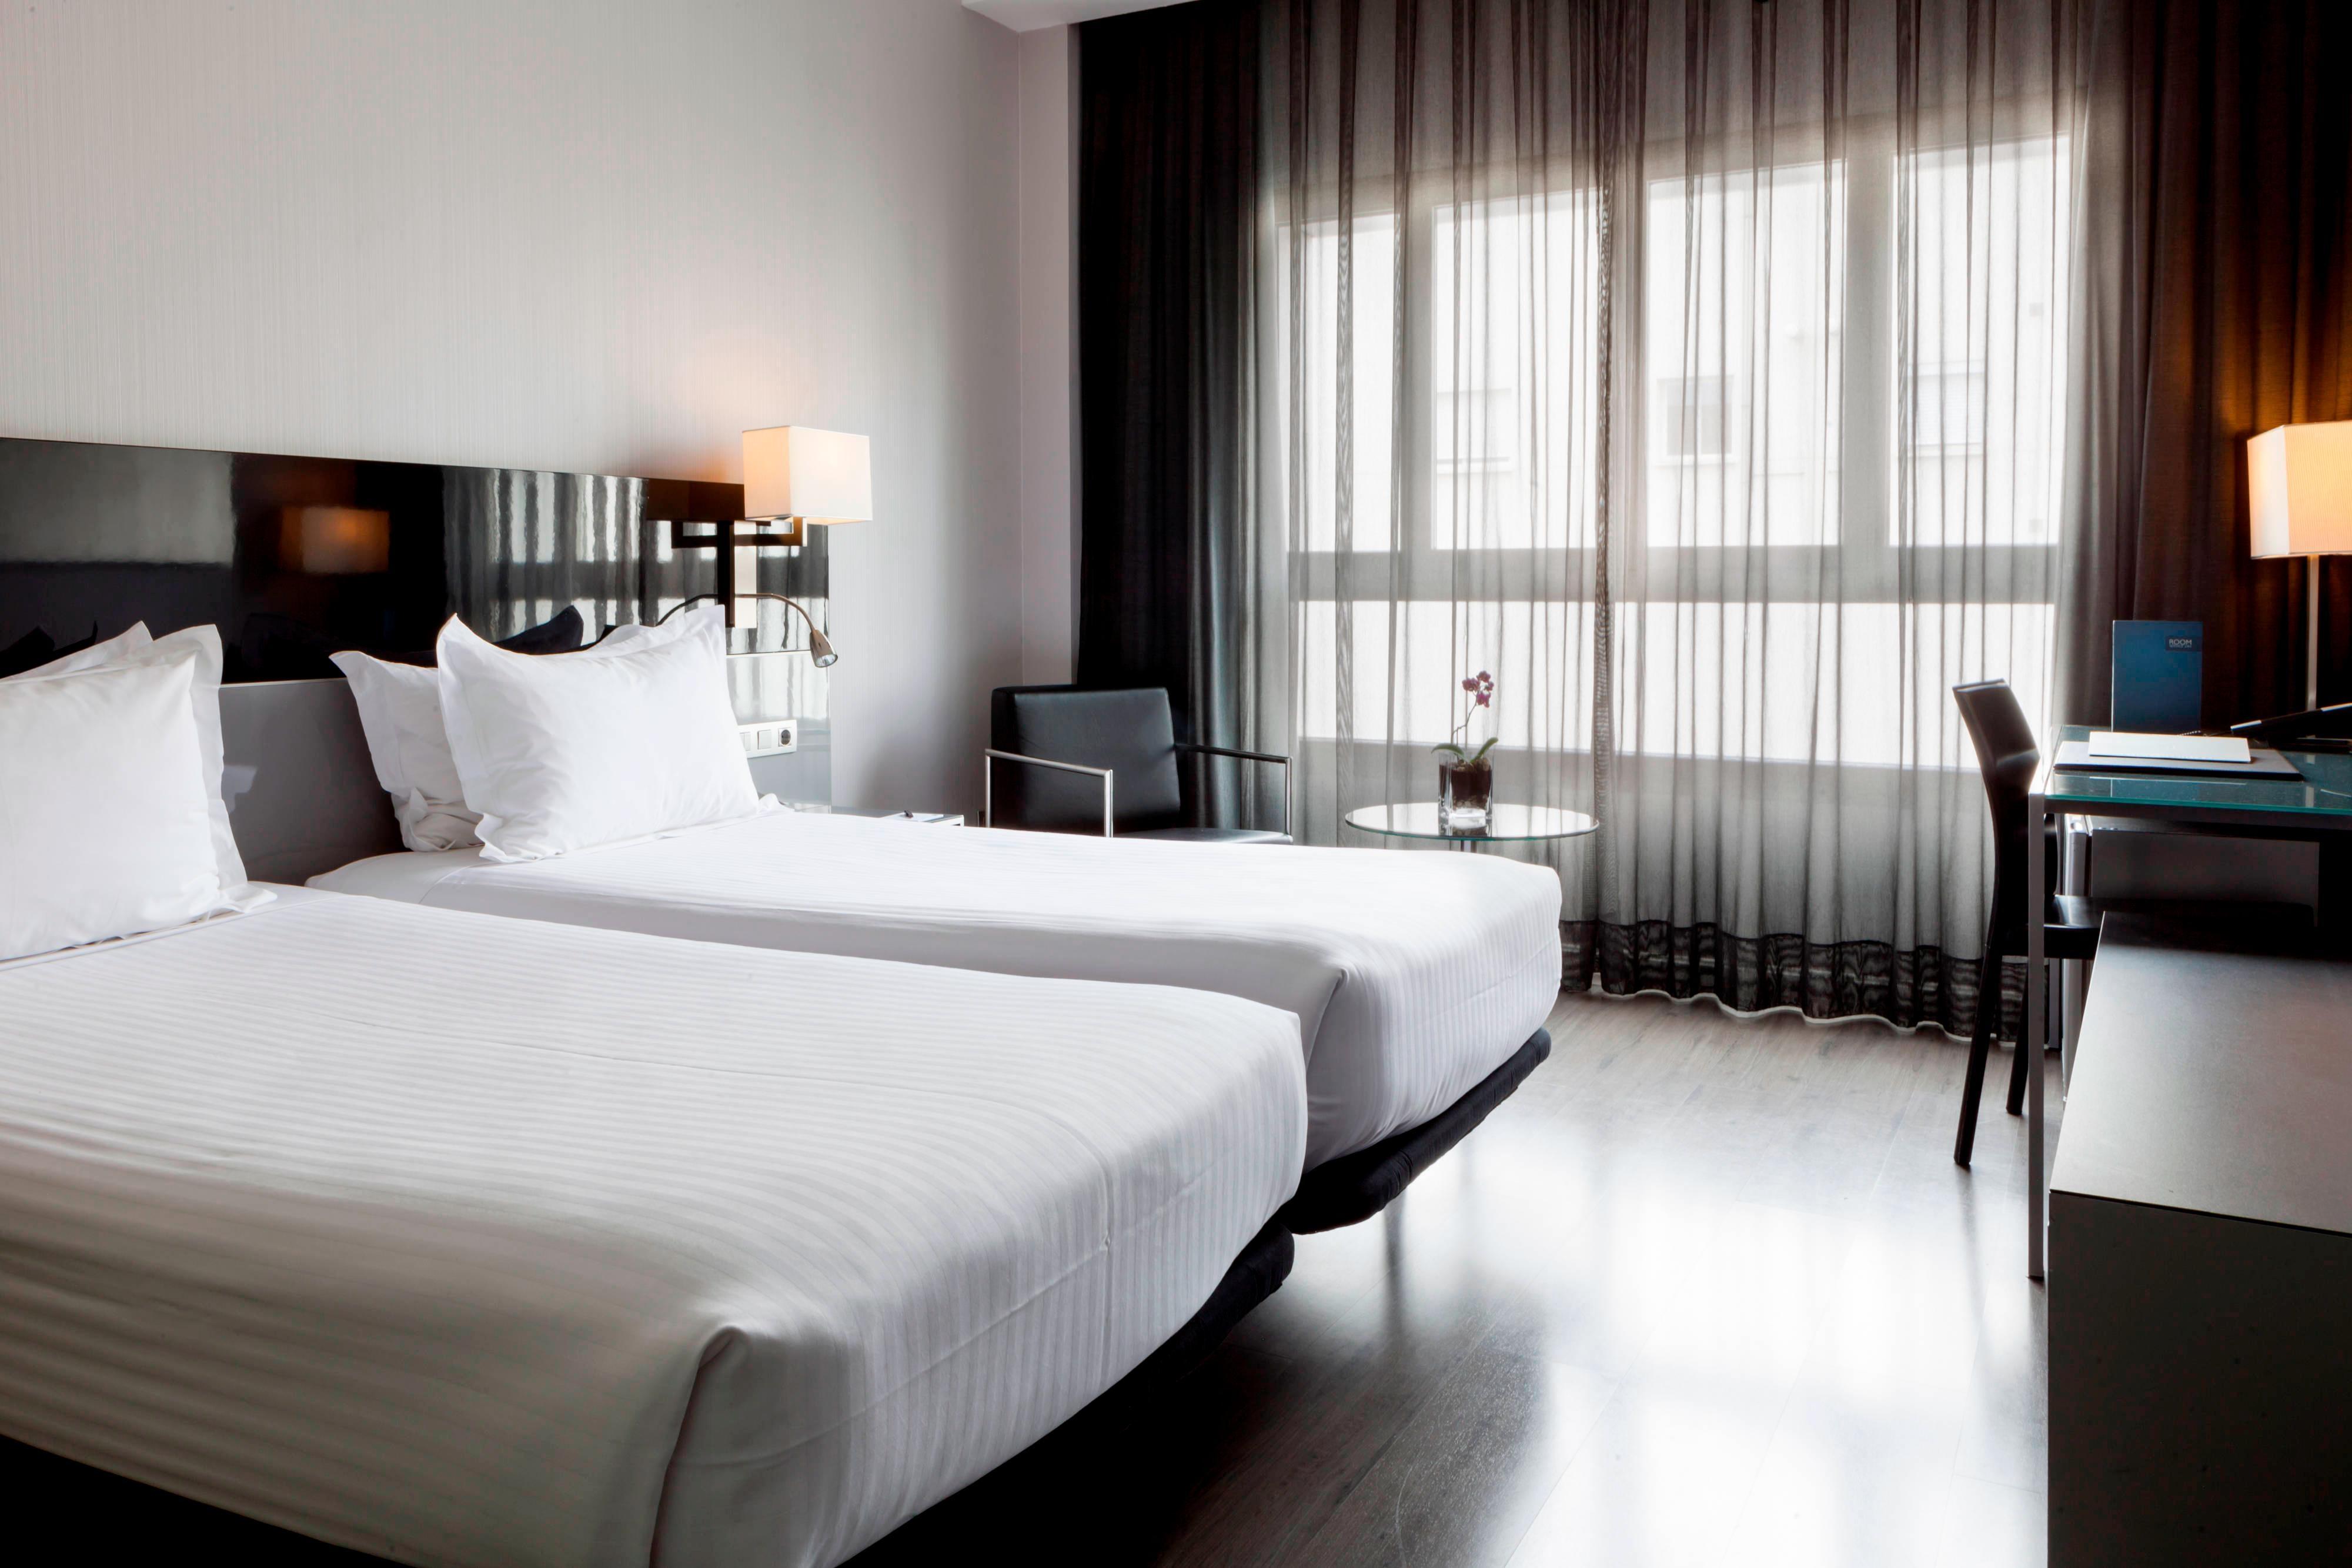 Gästezimmer mit zwei Twinsize-Betten